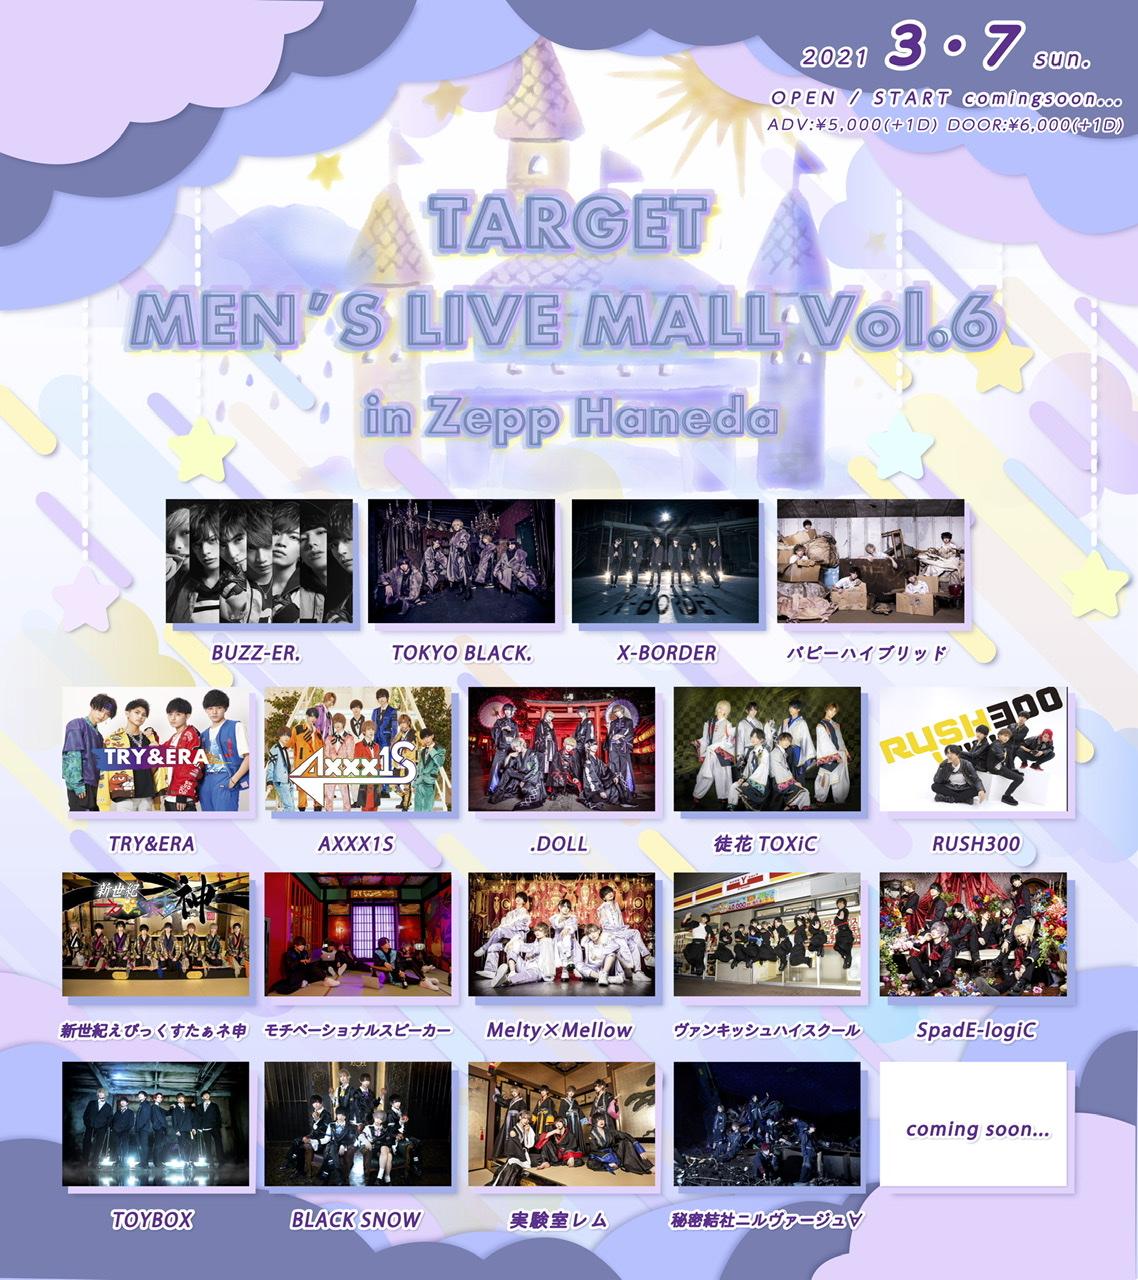 TARGET MEN'S LIVE MALL Vol.6 in Zepp Haneda